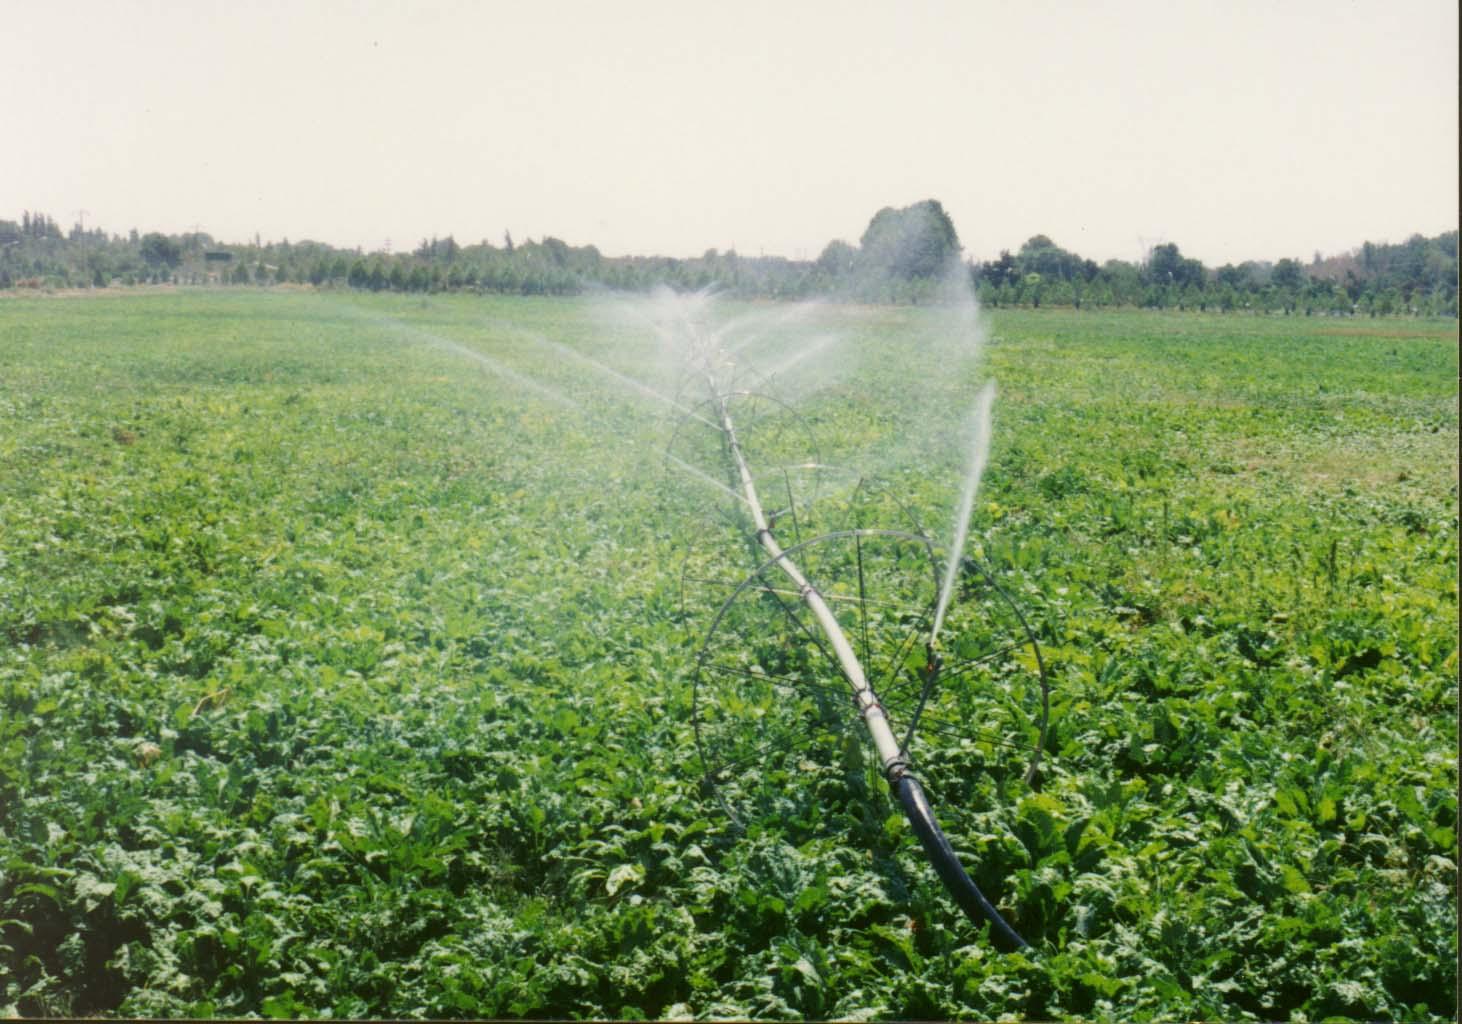 اجرای ۶۰۰هکتار سیستم نوین آبیاری در اراضی کشاورزی چابهار